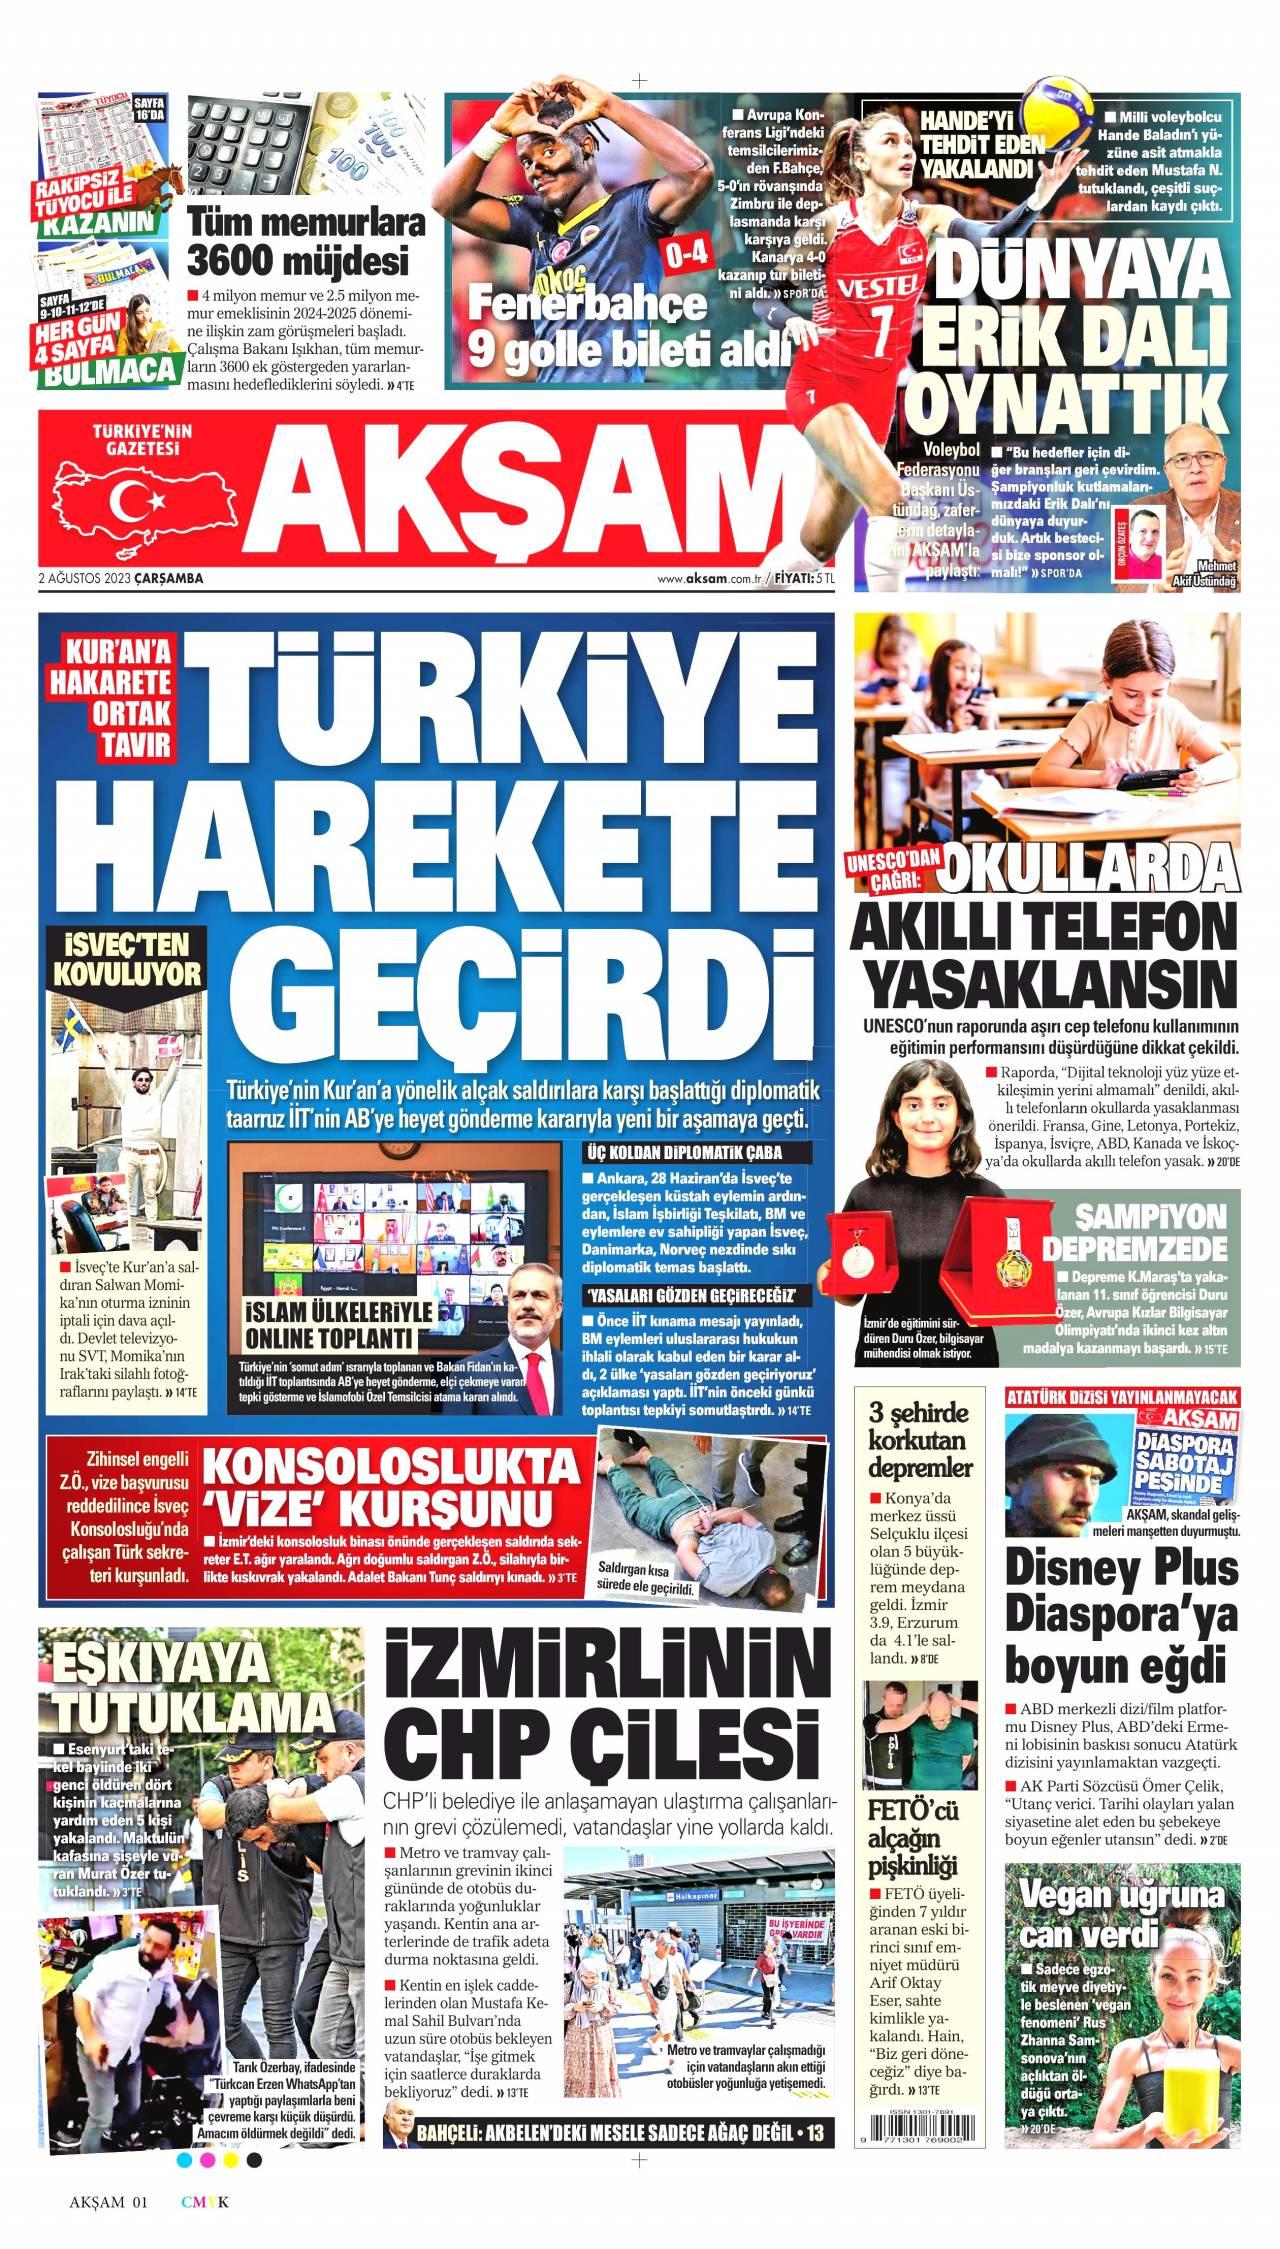 25 Kasım 2020, Çarşamba aksam Gazetesi